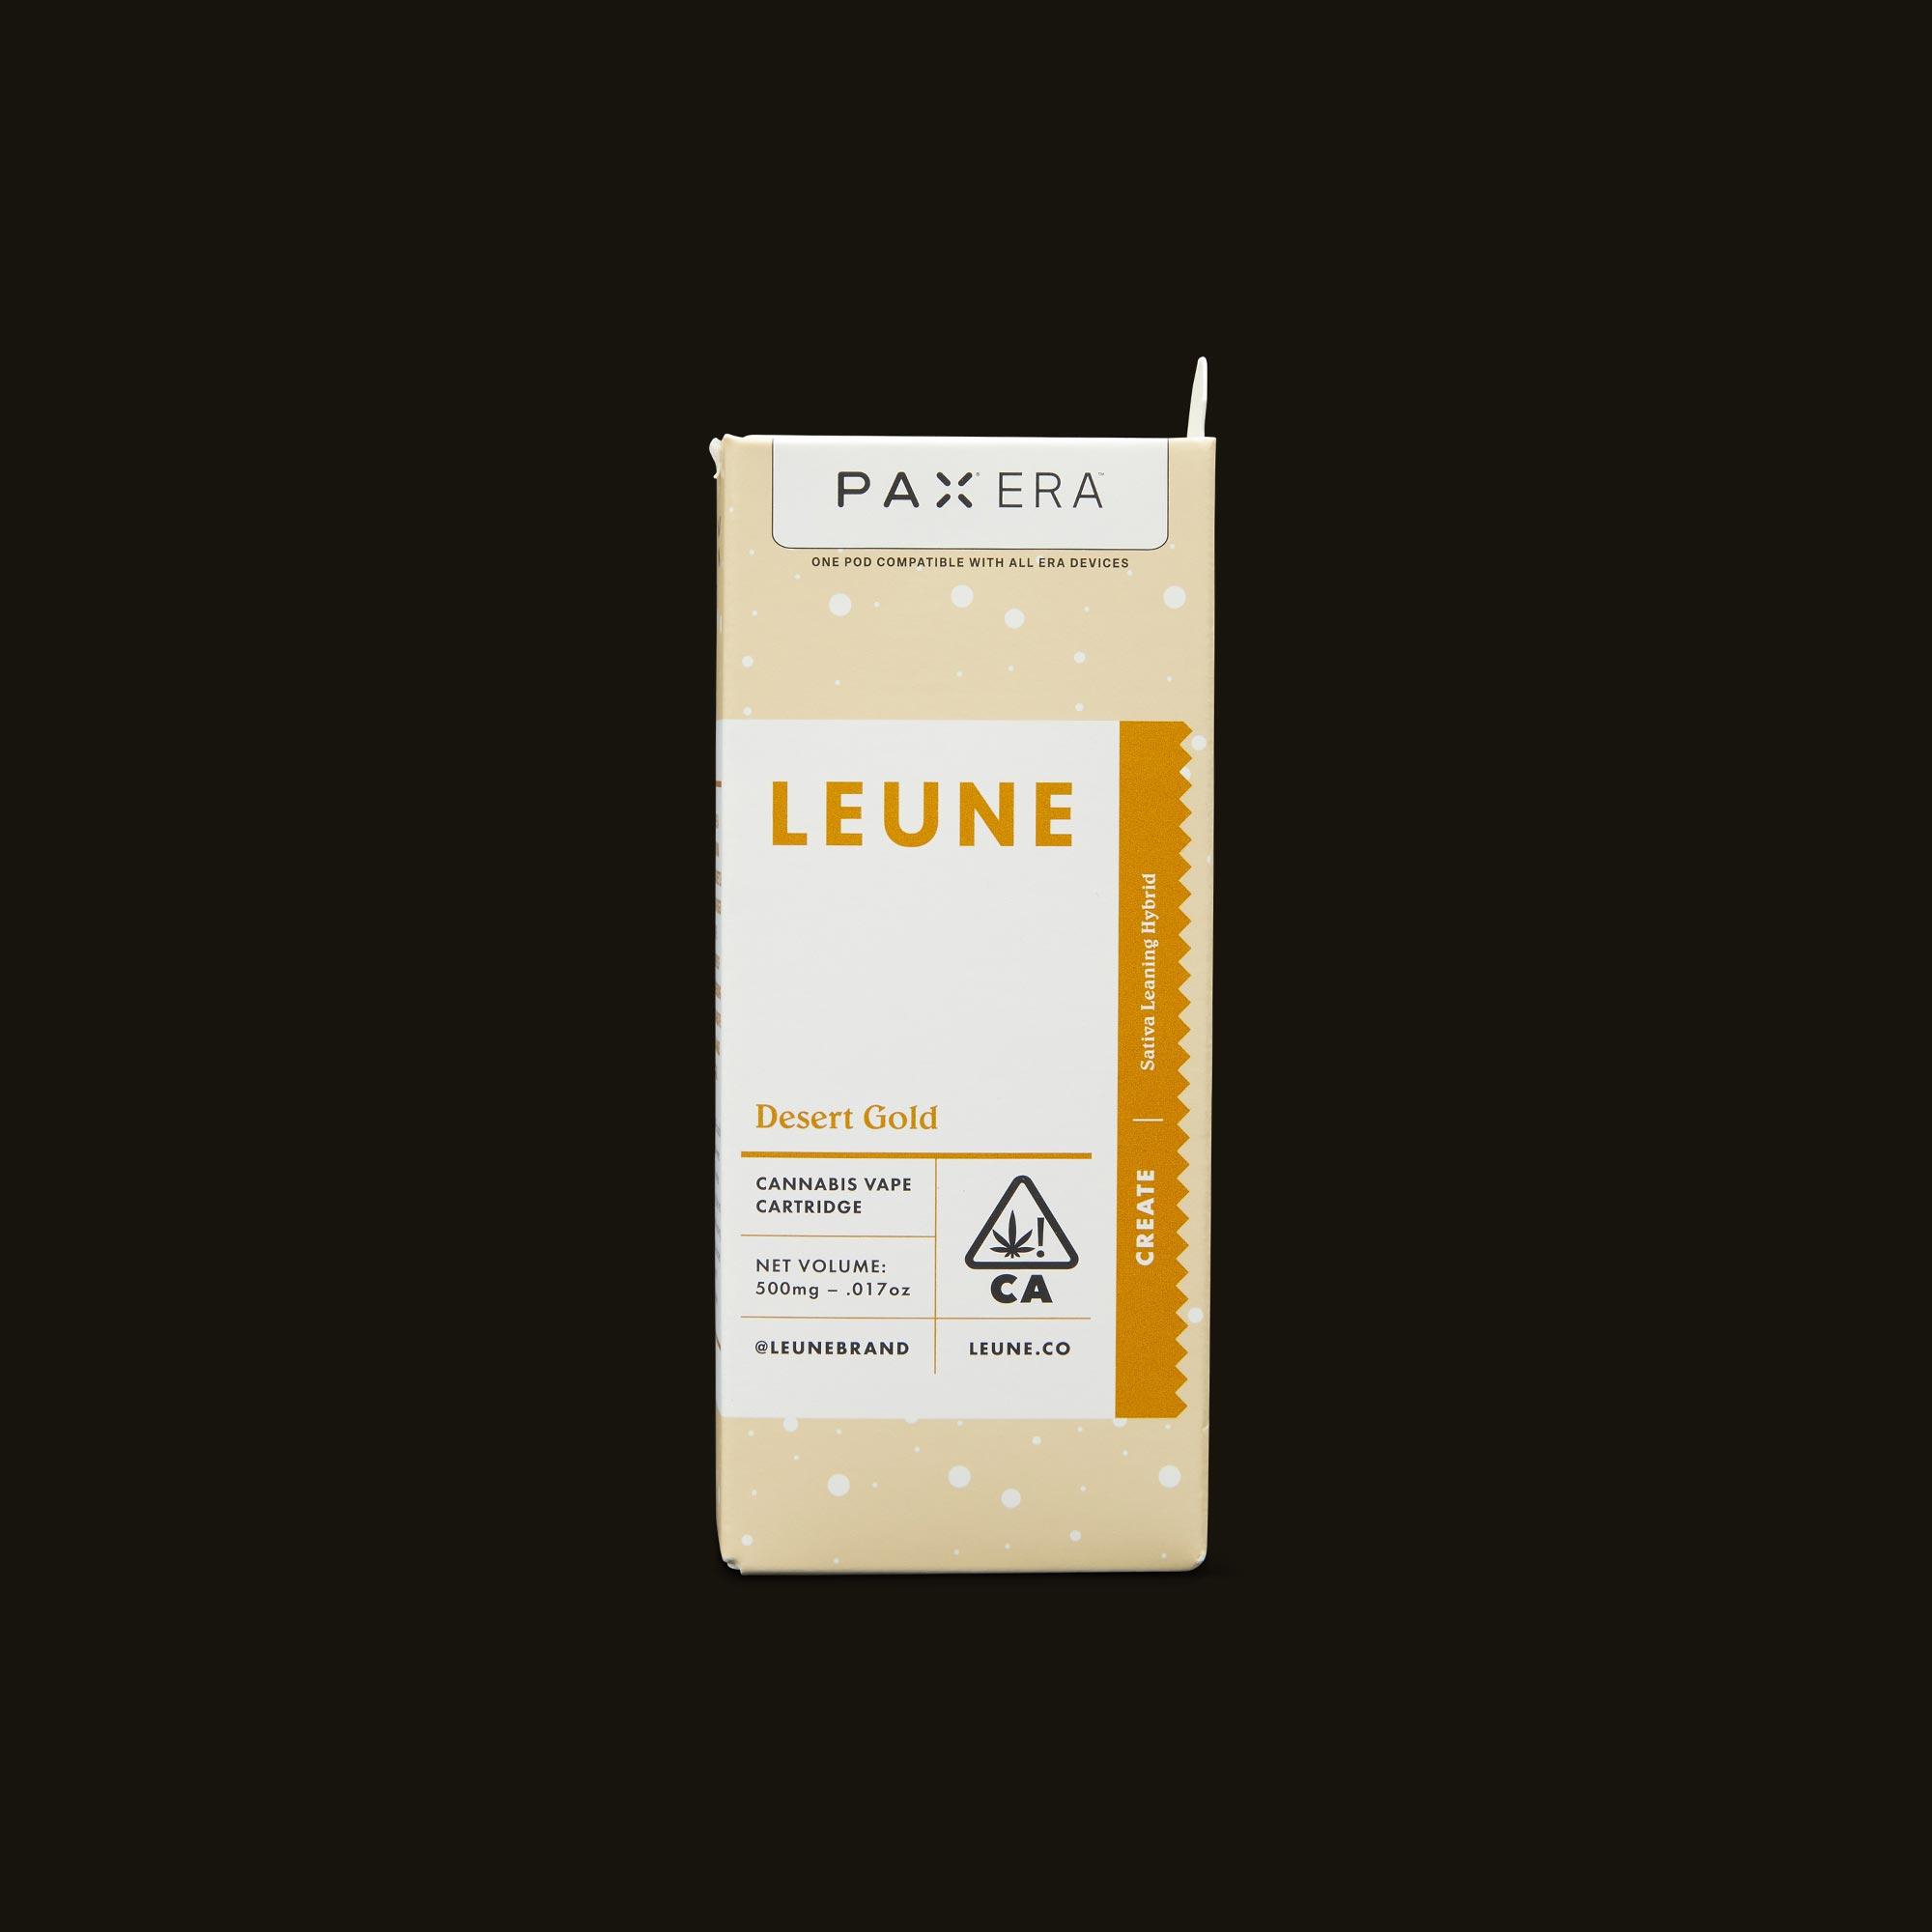 LEUNE Desert Gold PAX Era Pod Front Packaging